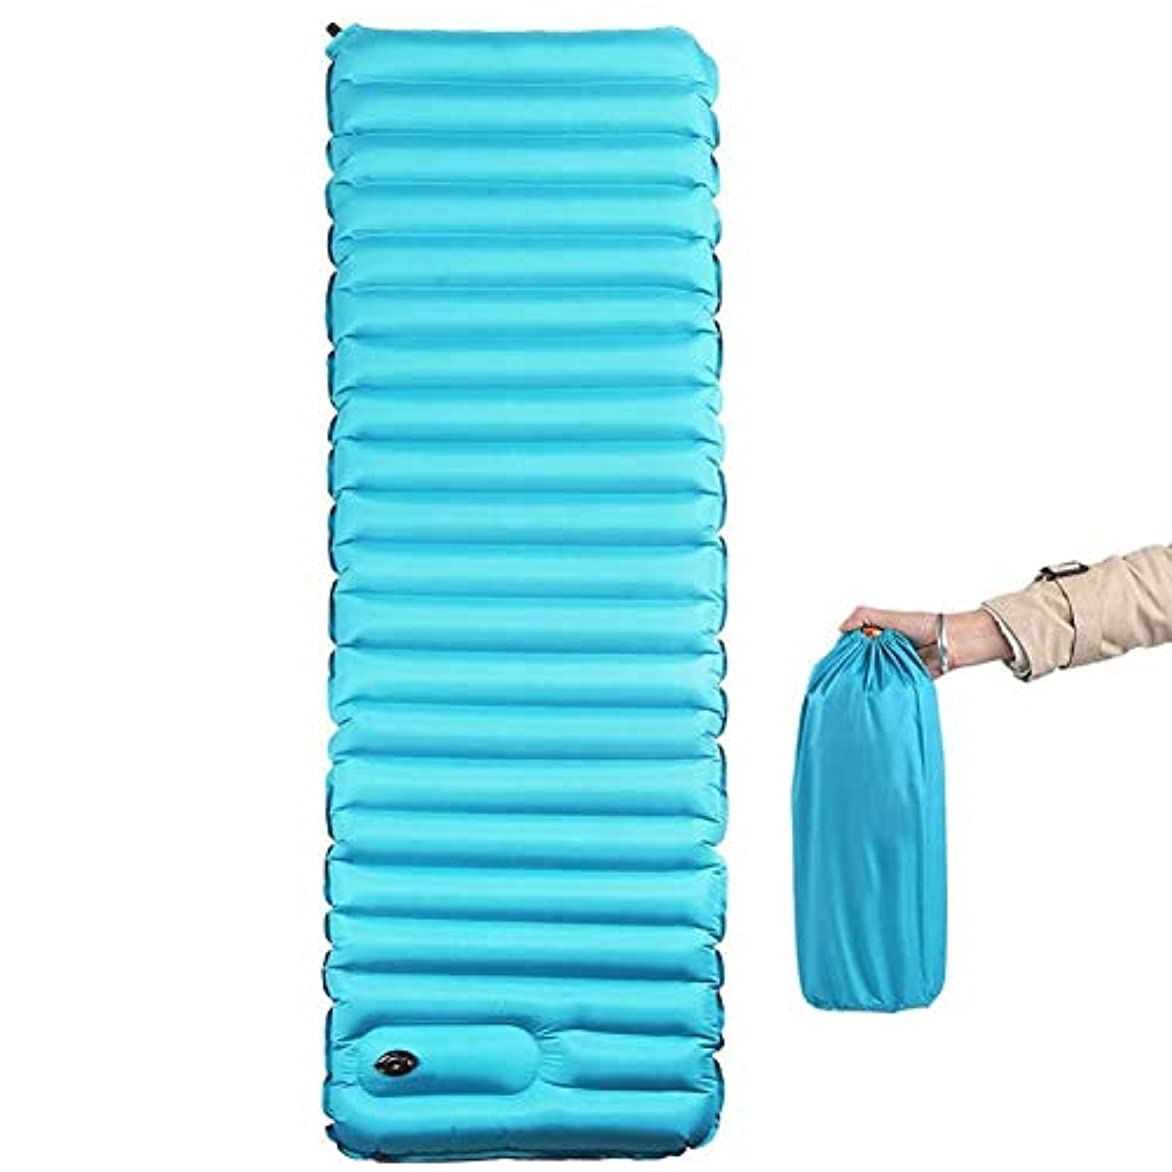 統治する行列対応するインフレータブルスリーピングパッド、テント、ハンモック、キャンプ、ハイキングのための作り付けポンプポータブルマットレス付きの厚いキャンプマット (色 : 青, サイズ さいず : L l)